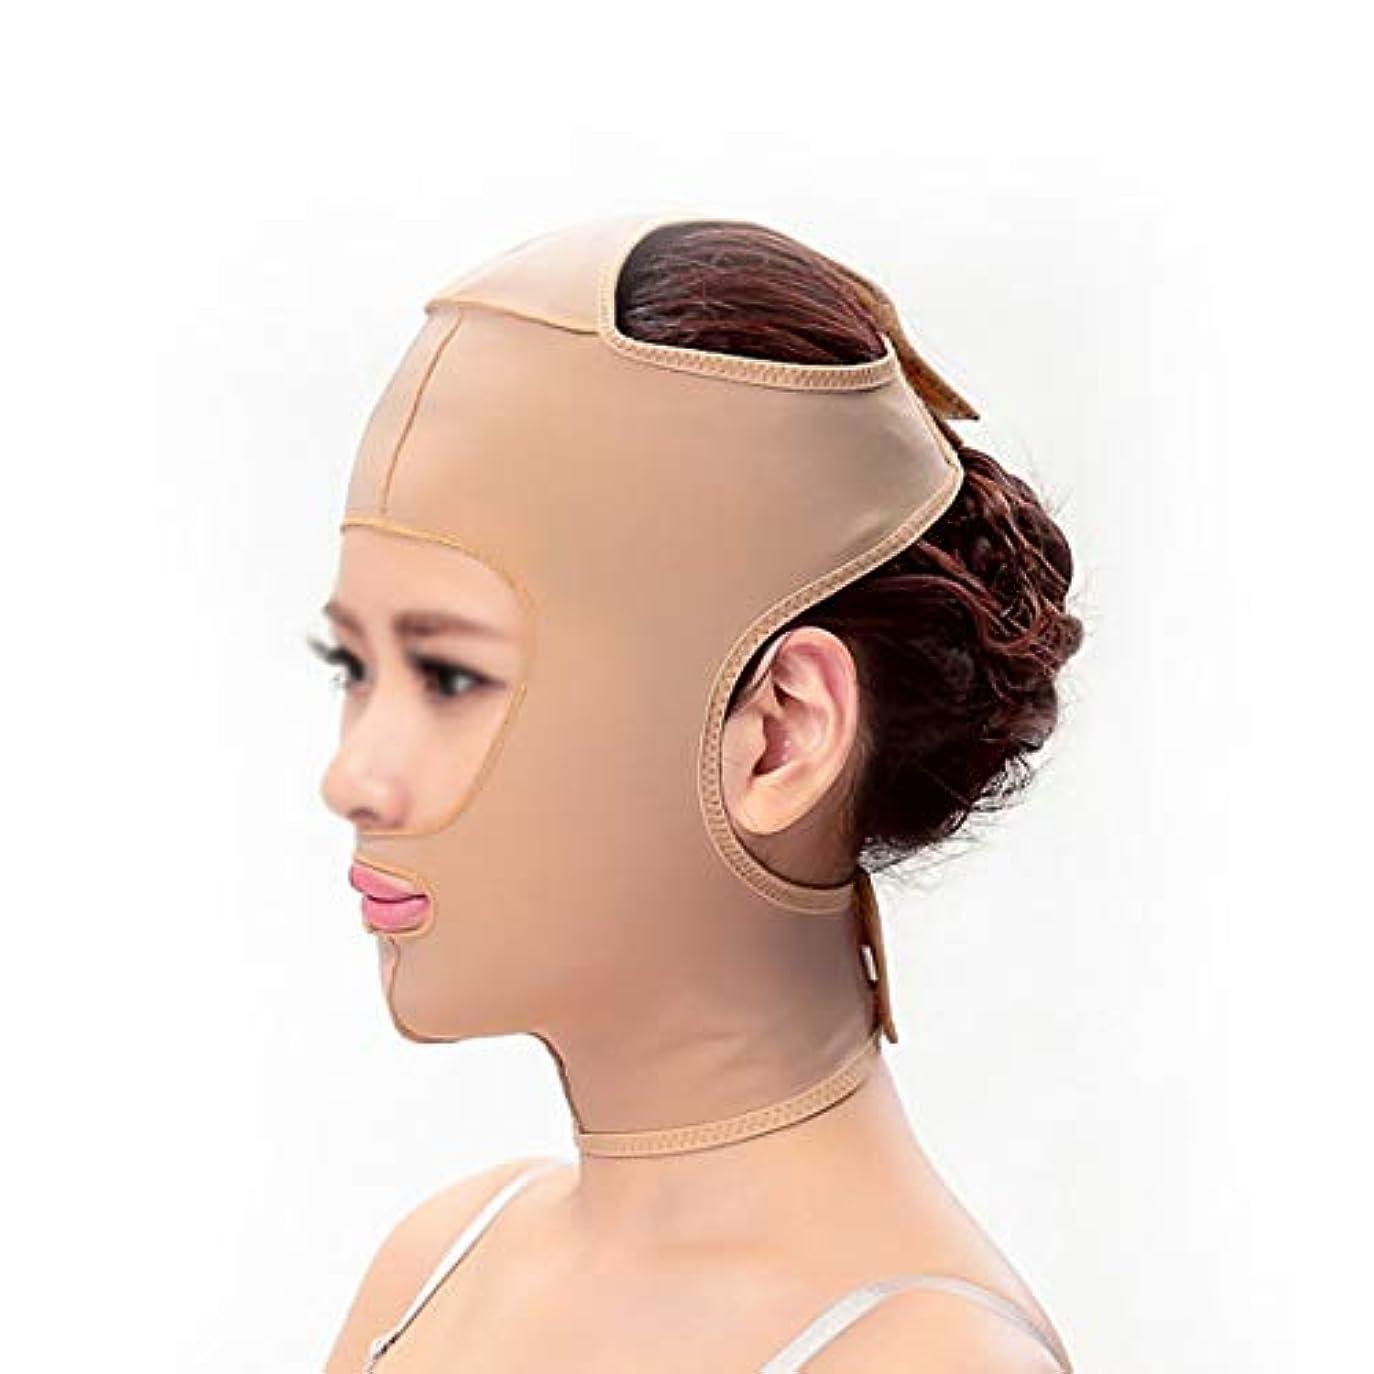 ラリーベルモント代表団面GLJJQMY 減量ベルトマスクフェイスマスク神聖なパターンリフト二重あご引き締め顔面プラスチック顔面アーティファクト強力な顔面包帯 顔用整形マスク (Size : M)